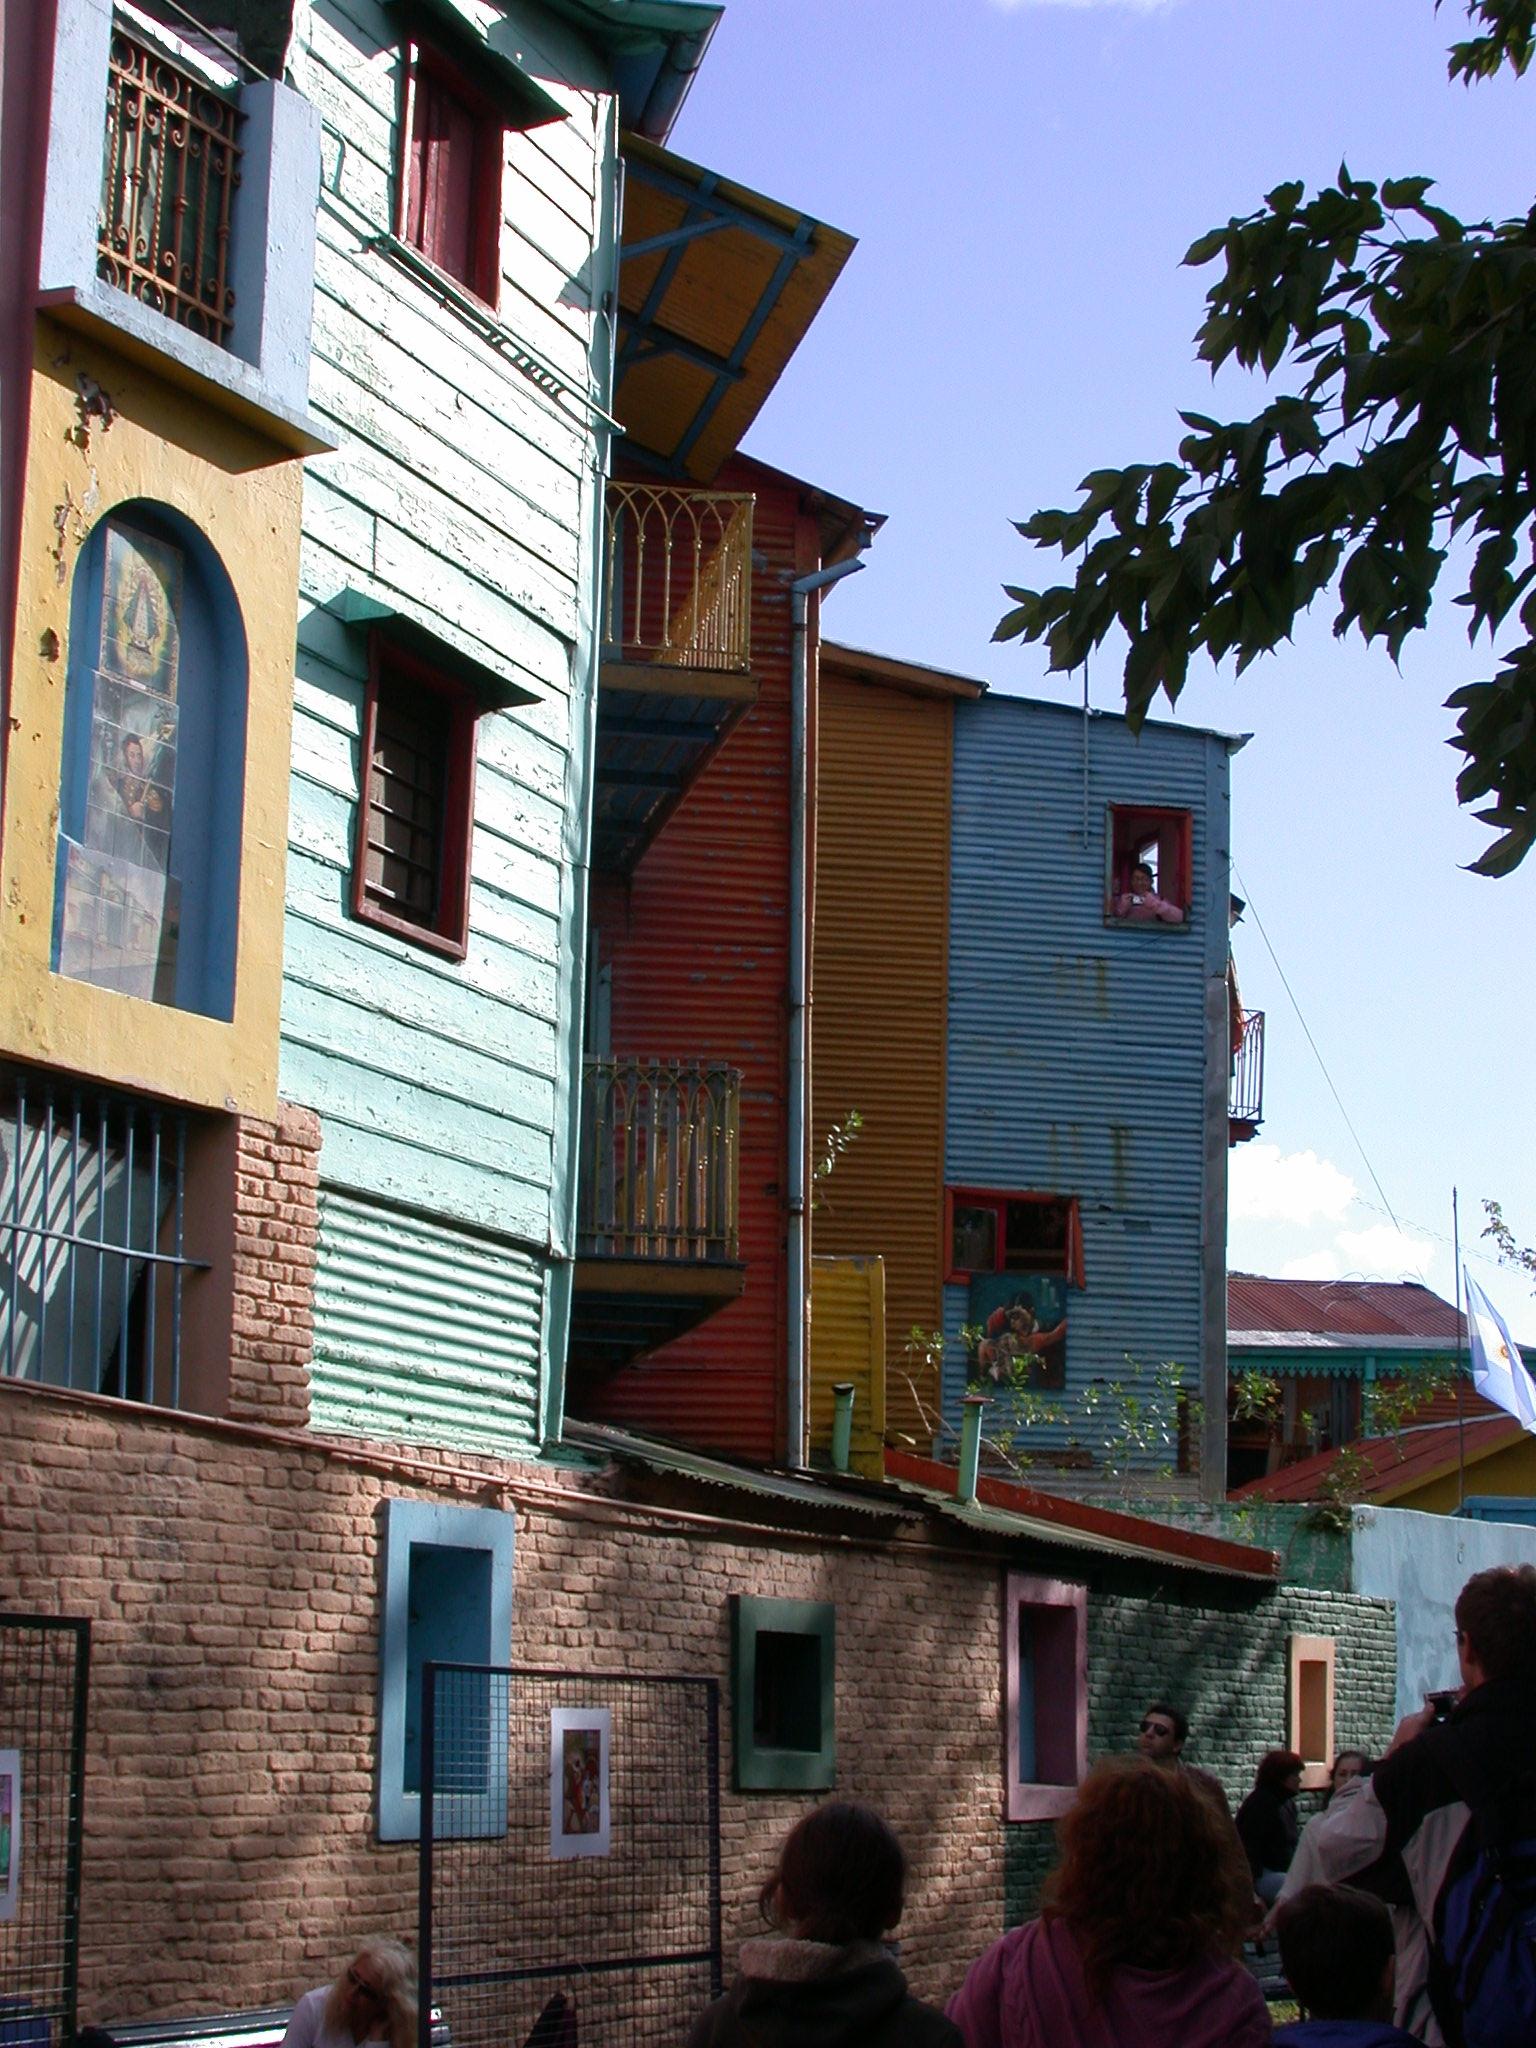 Colorful Buildings, La Boca, Buenos Aires, Argentina